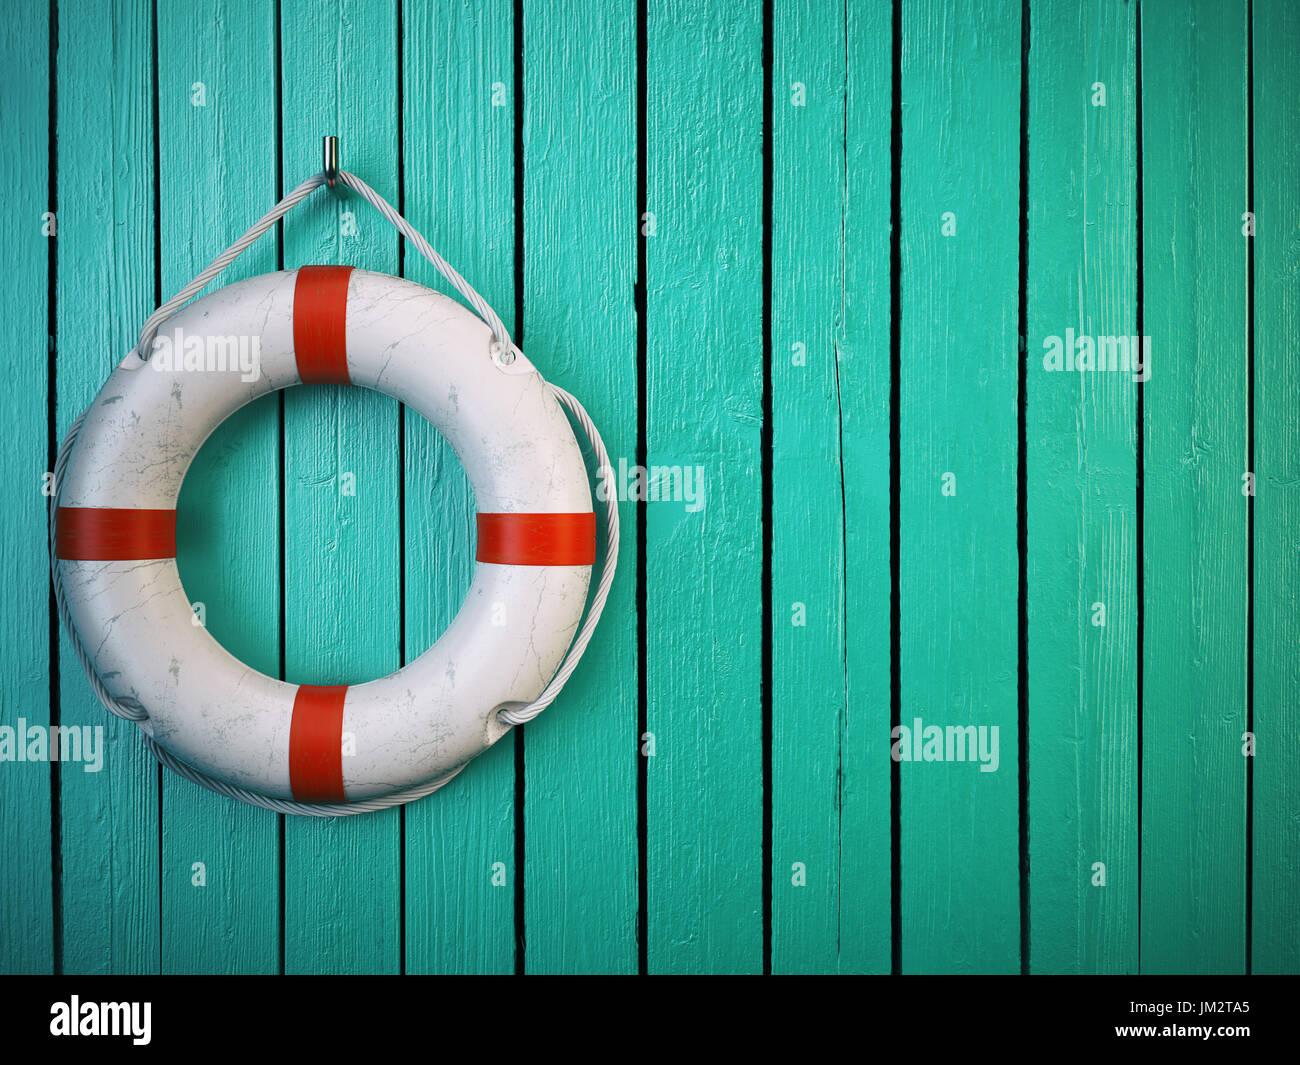 Ceinture de sauvetage de la vie ou de l'anneau sur le mur en bois. Salut, la protection et la sécurité concept. 3d illustration Photo Stock